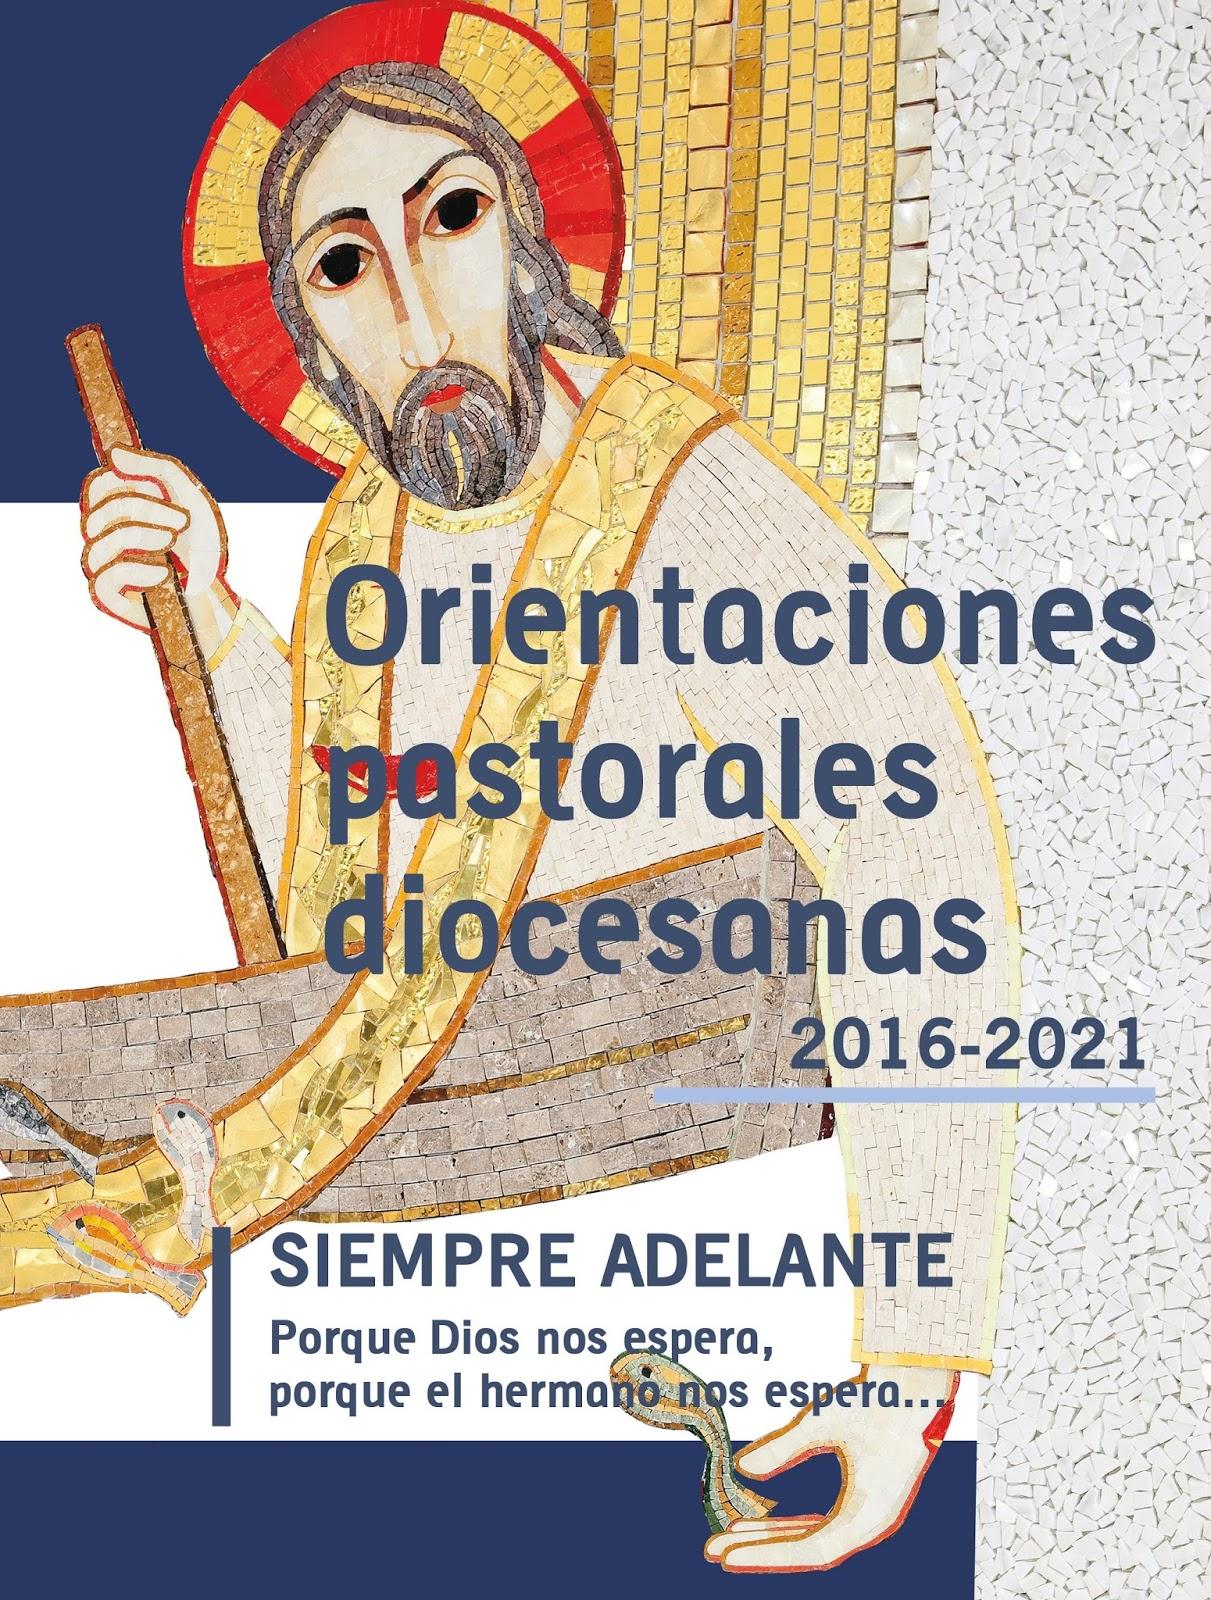 ORIENTACIONES PASTORALES DIOCESANAS